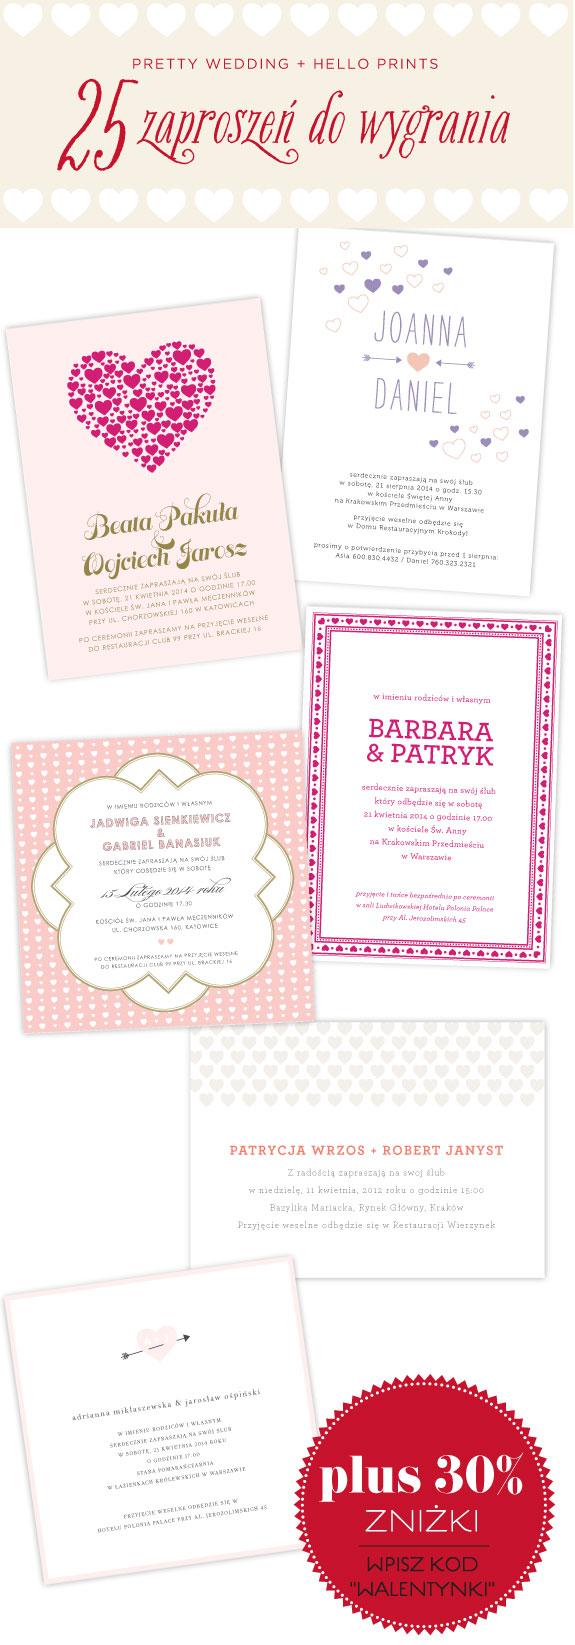 Eleganckie i Wyjątkowe Zaproszenia Ślubne z Motywem Serca